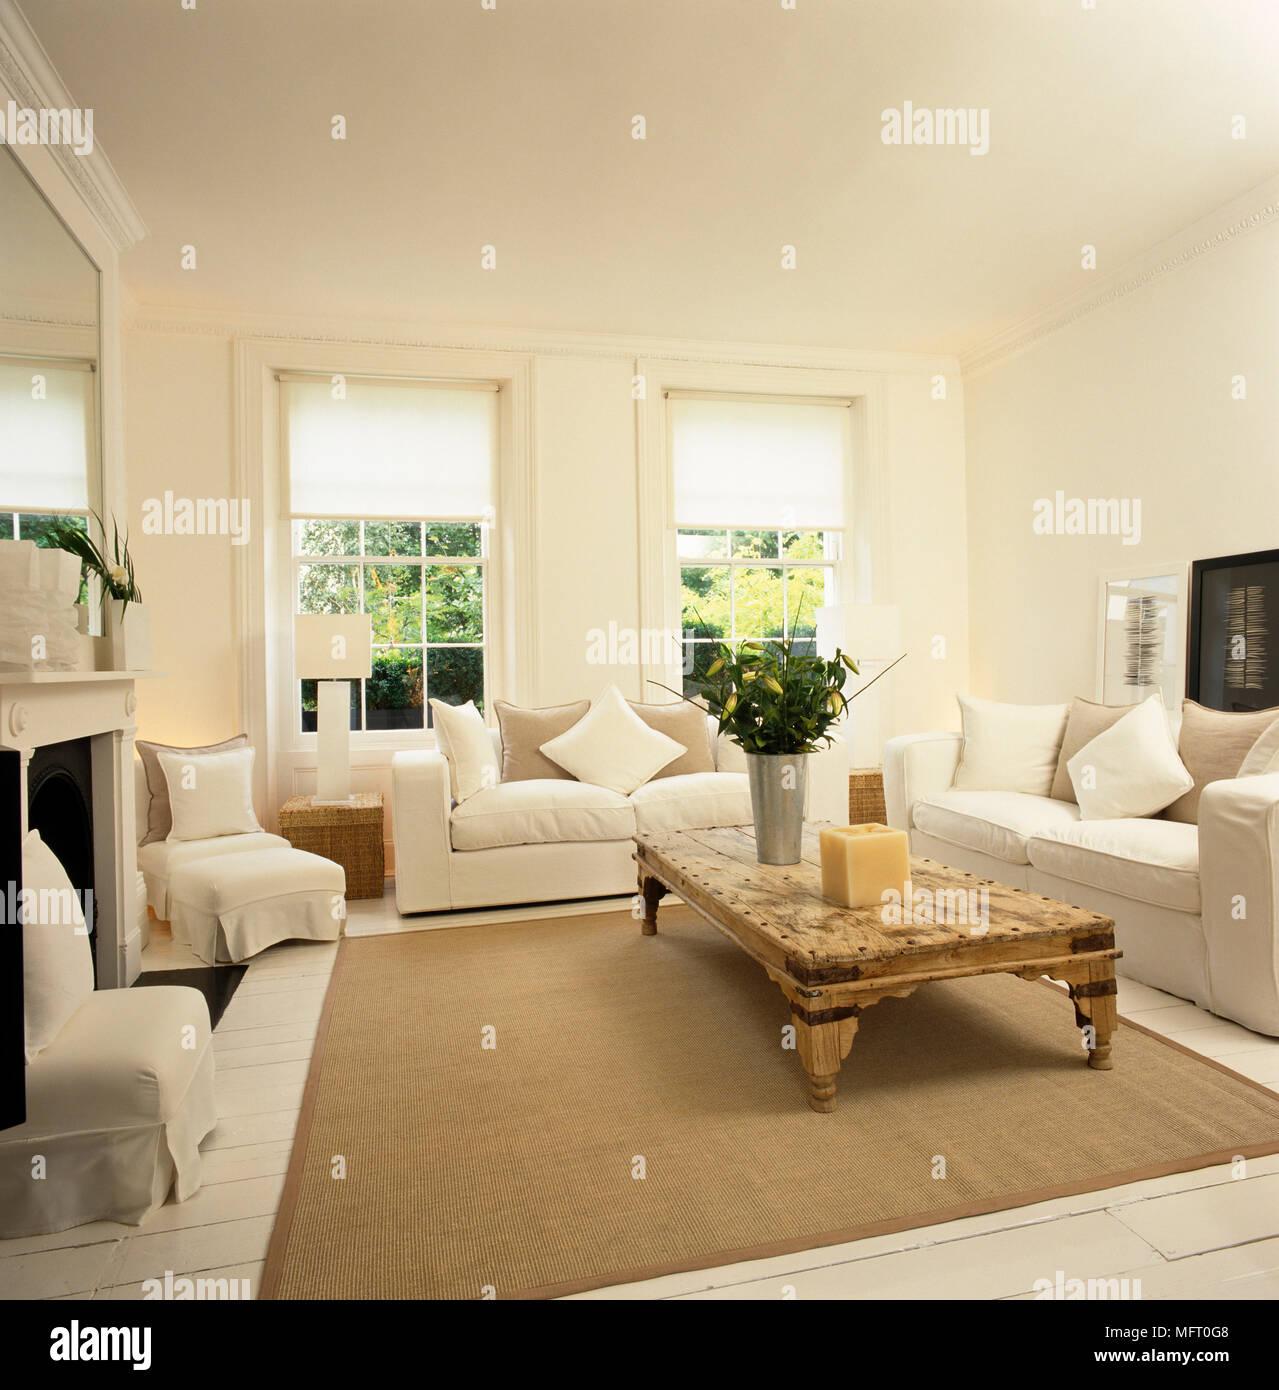 Blanc et beige l gant salon avec canap s et un plancher peint autour d 39 une table basse banque d - Salon beige et blanc ...